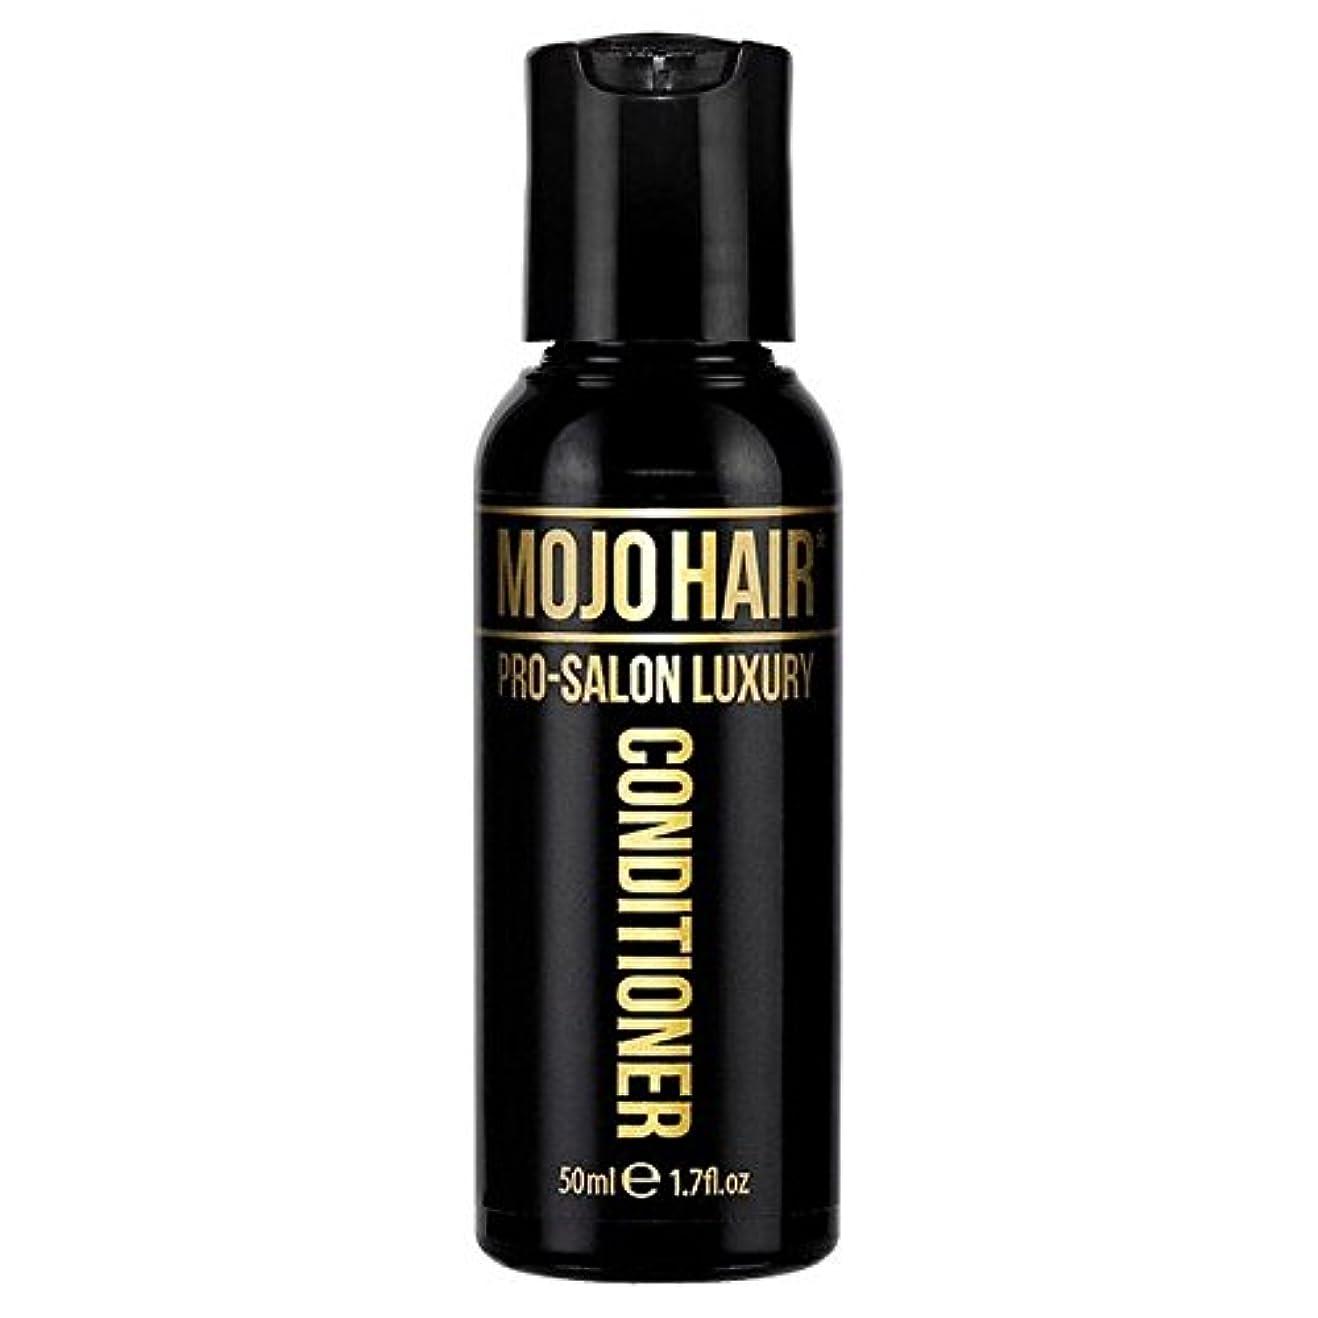 口空引用MOJO HAIR Pro-Salon Luxury Fragrance Conditioner for Men, Travel Size 50ml (Pack of 6) - 男性のためのモジョの毛プロのサロンの贅沢な...